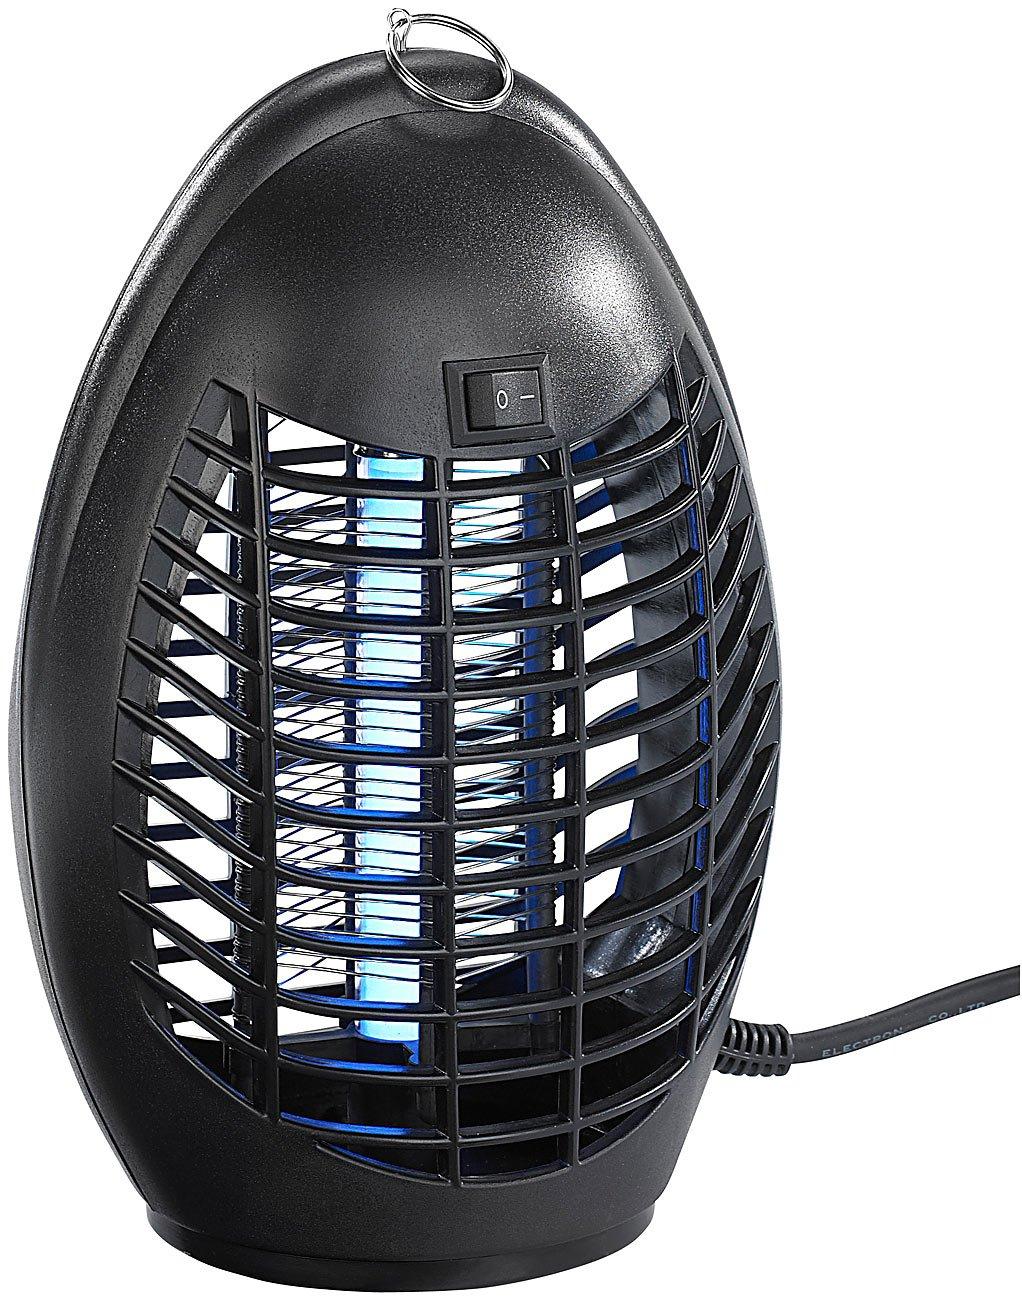 Exbuster Fliegenfalle: Hochwirksamer UV-Insektenvernichter IV-220 mit UV-A-Stabröhre, 4 Watt (Fliegentöter) 4 Watt (Fliegentöter)